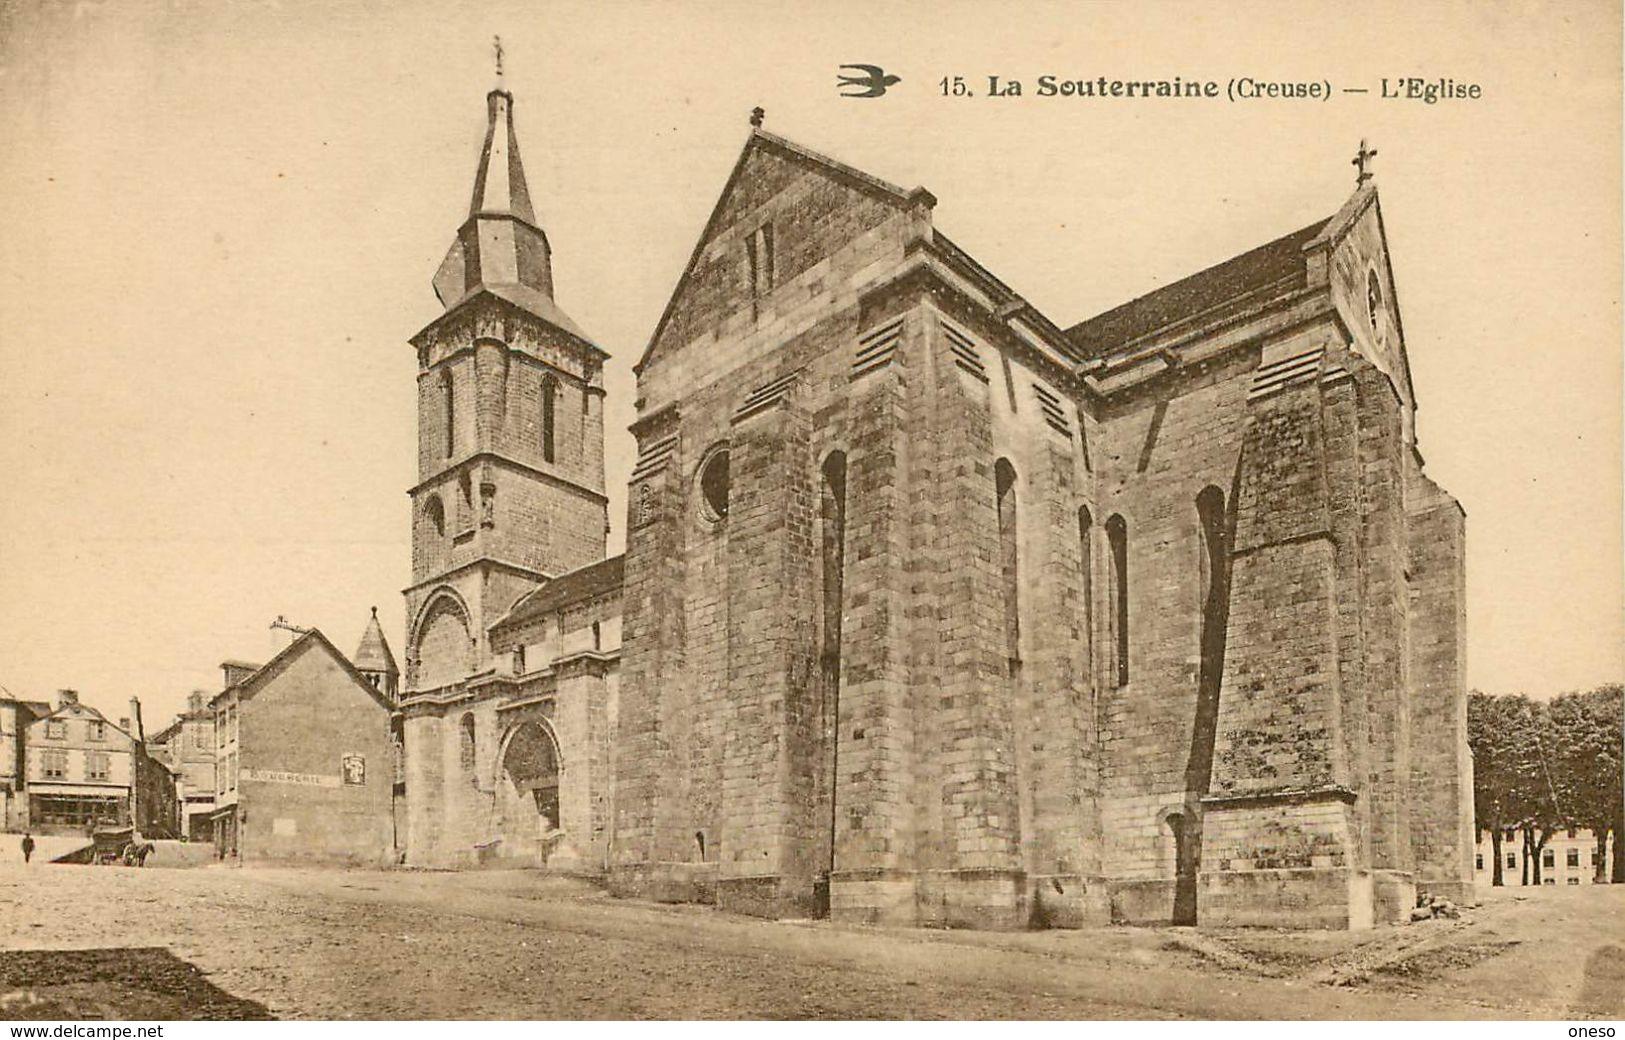 Creuse - Lot N° 84 - Lots En Vrac - Lot Divers Du Département De La Creuse - Lot De 30 Cartes - 5 - 99 Cartes